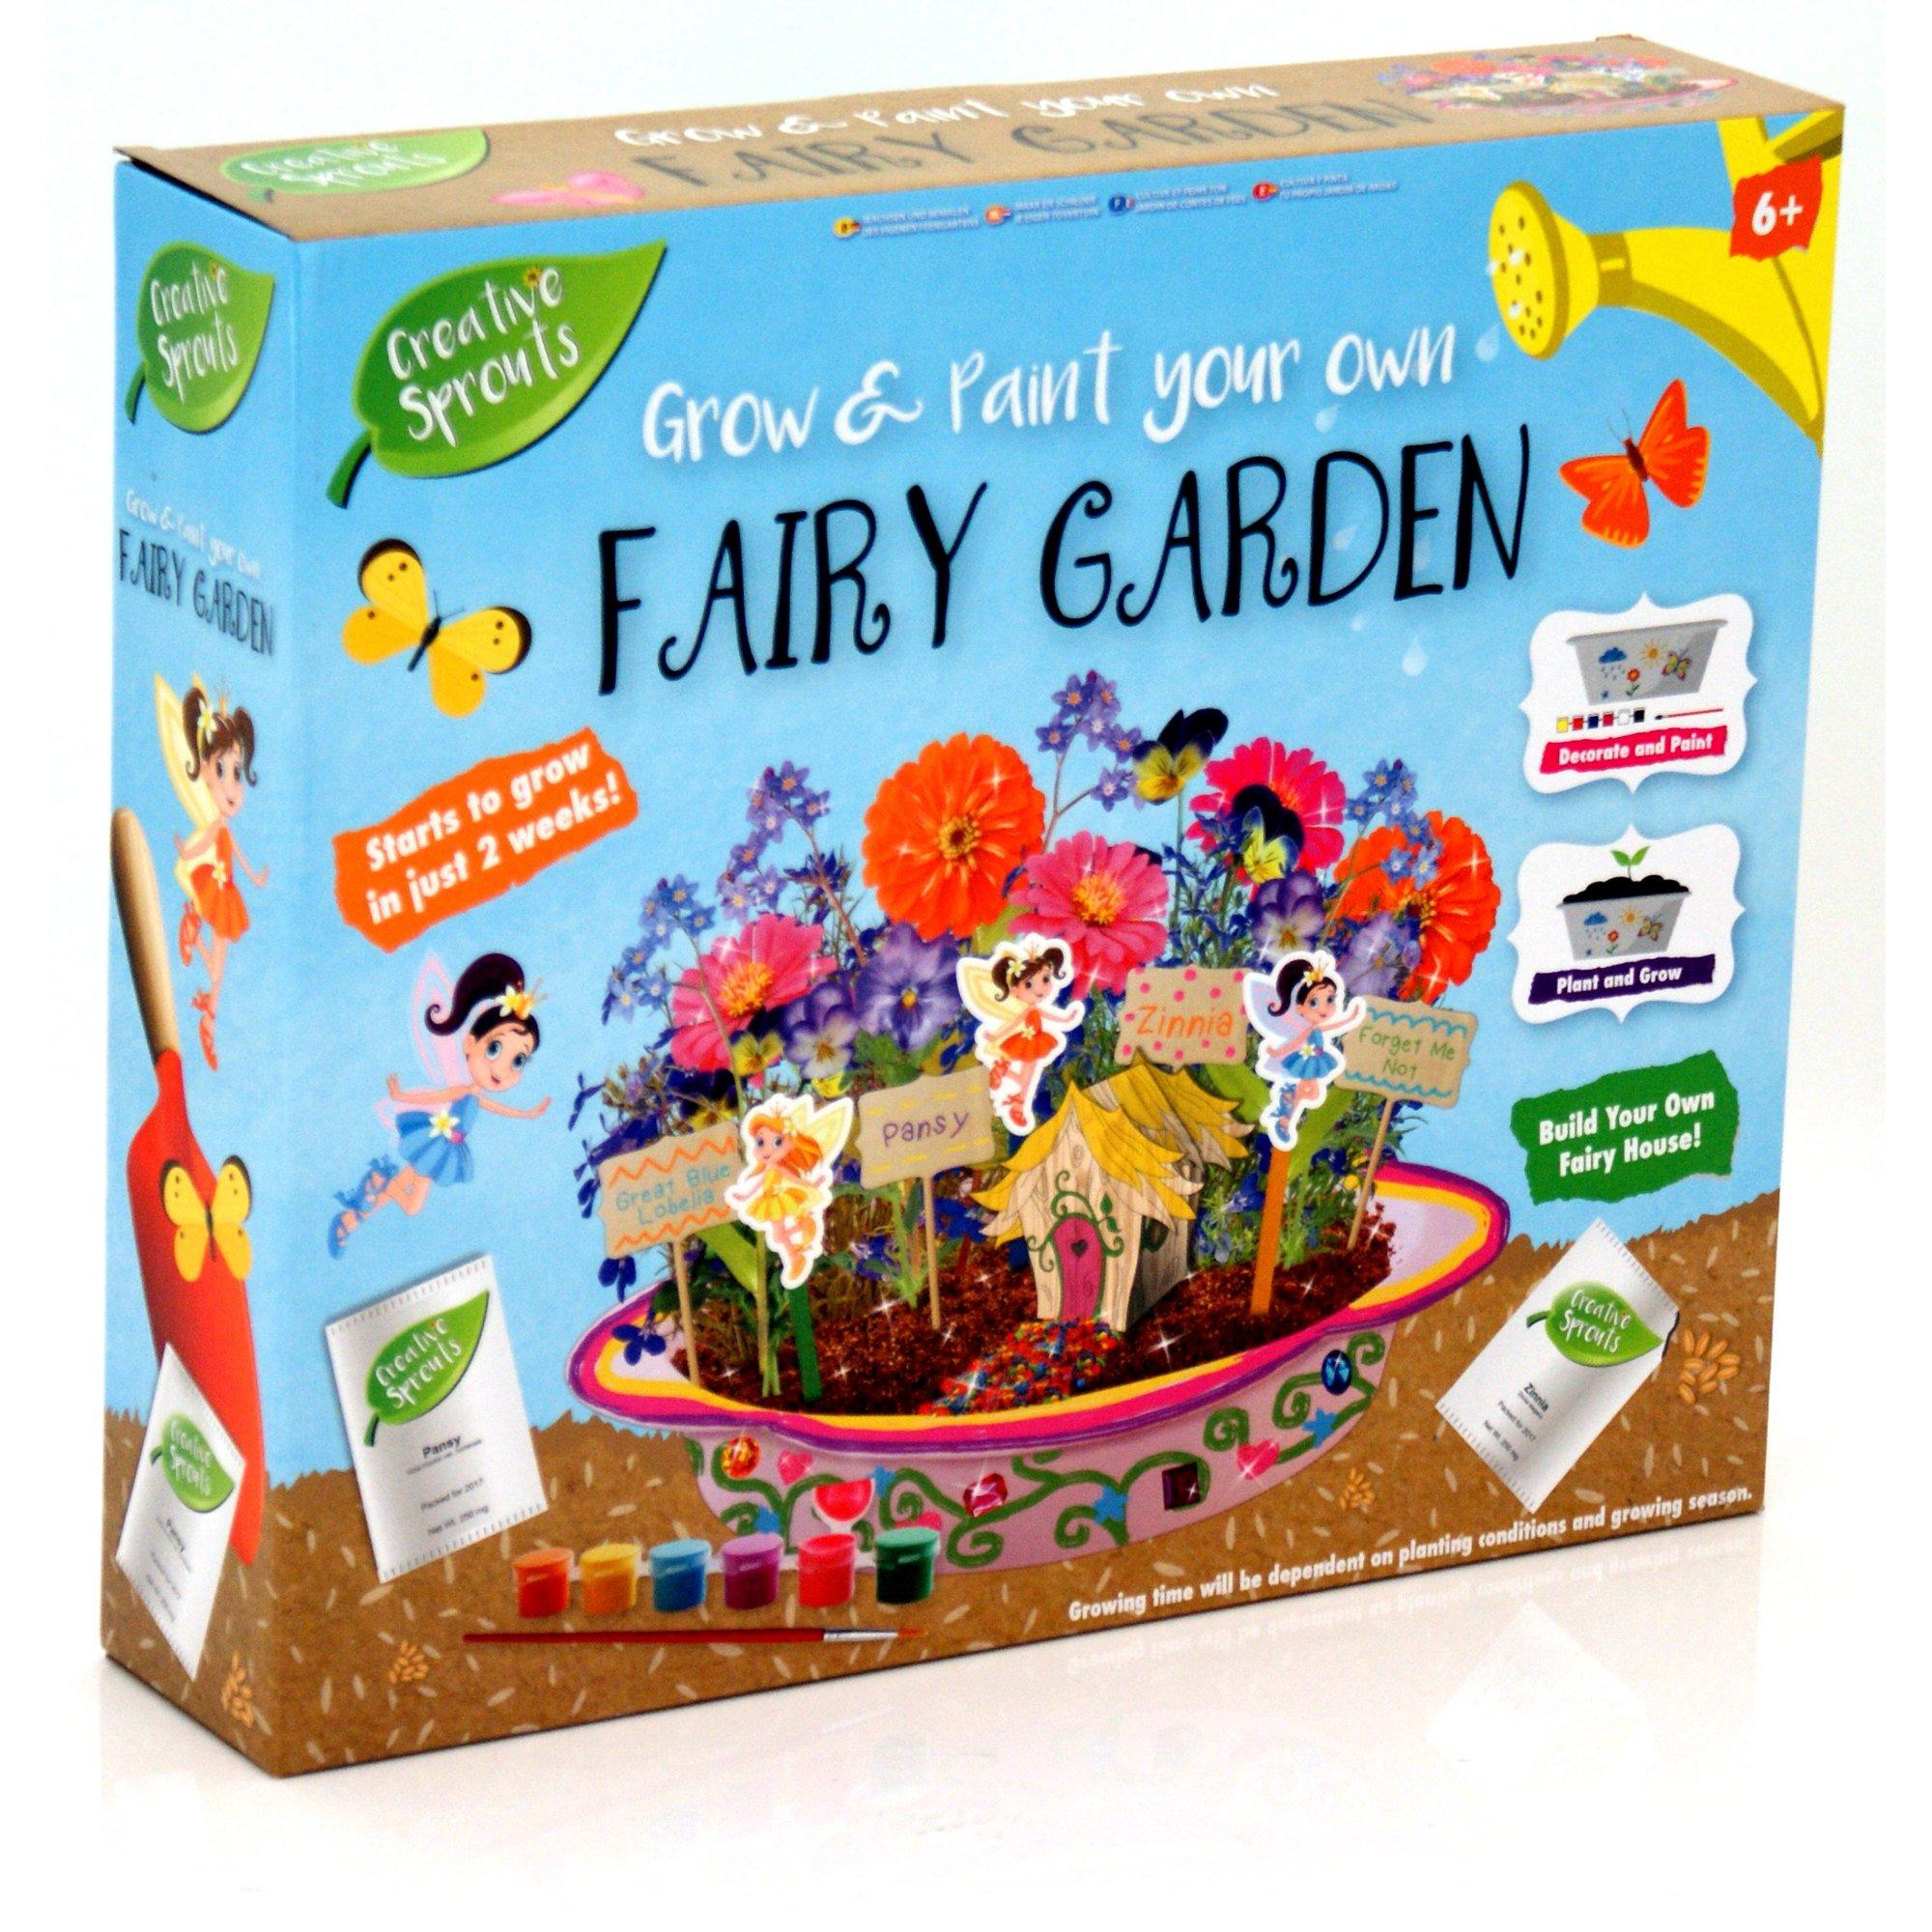 Creative Sprouts - Crecimiento y Pintura para tu Propio jardín de Hadas: Amazon.es: Juguetes y juegos